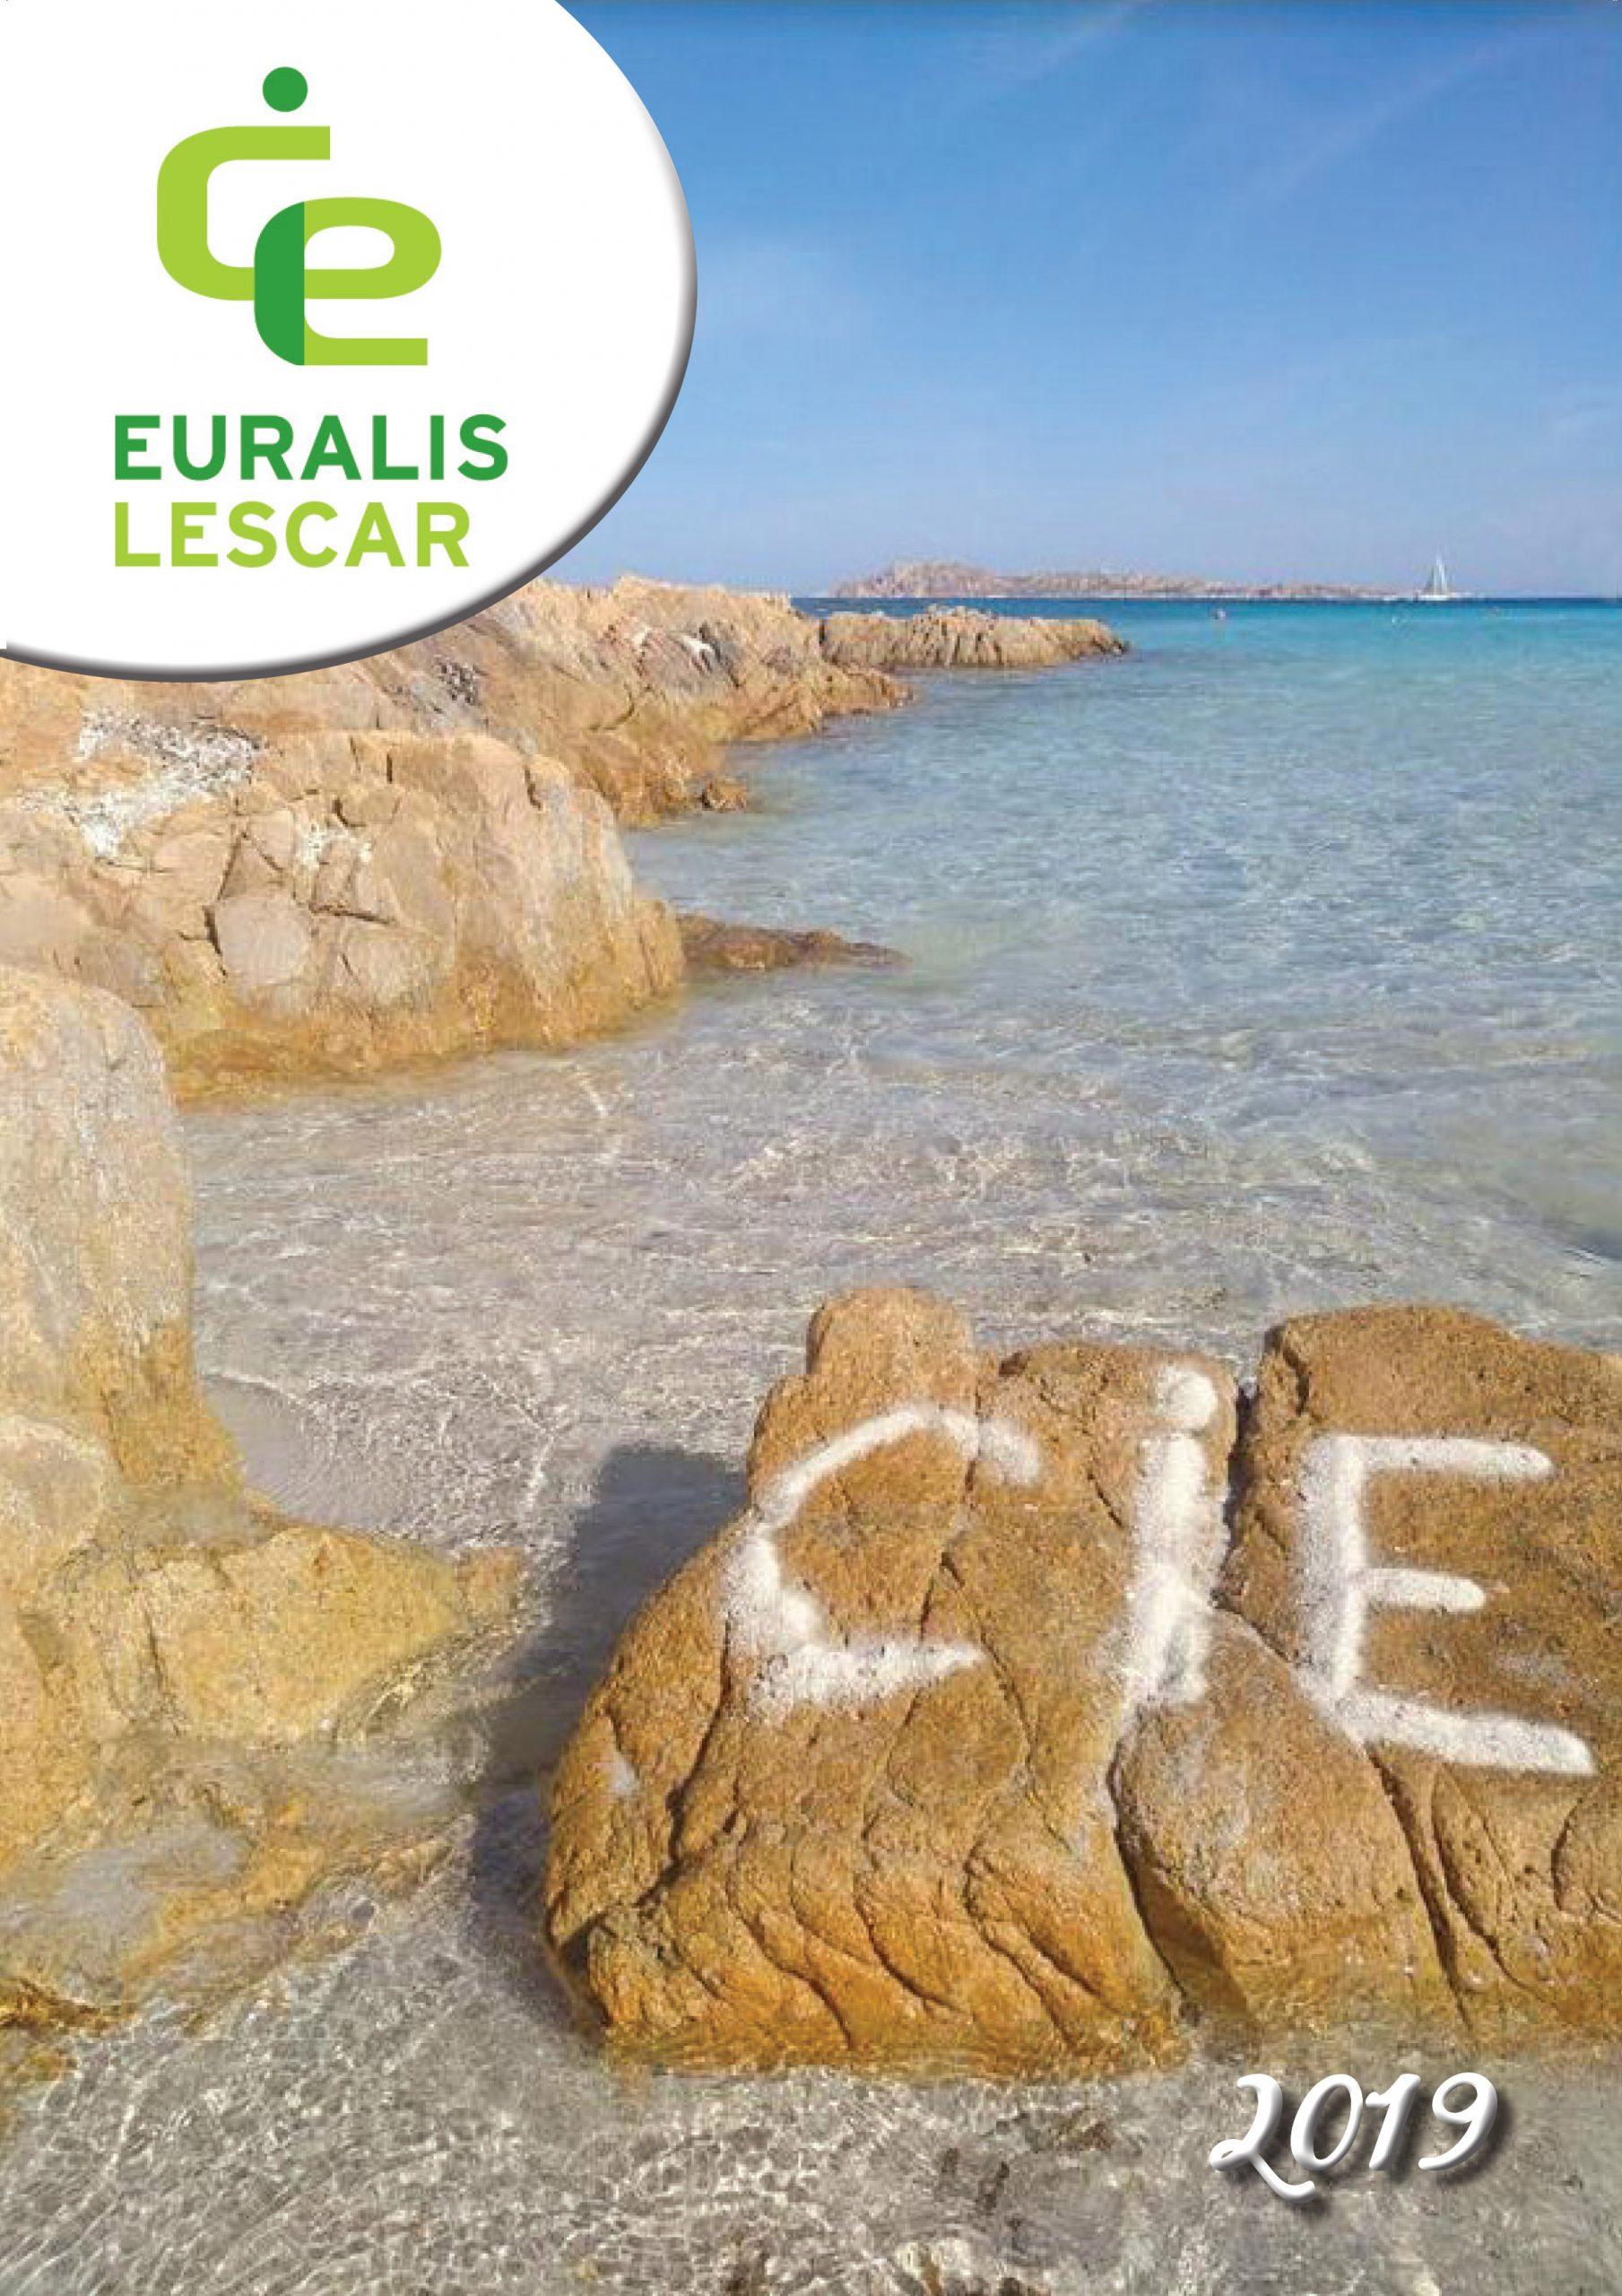 Revue du CIE Euralis